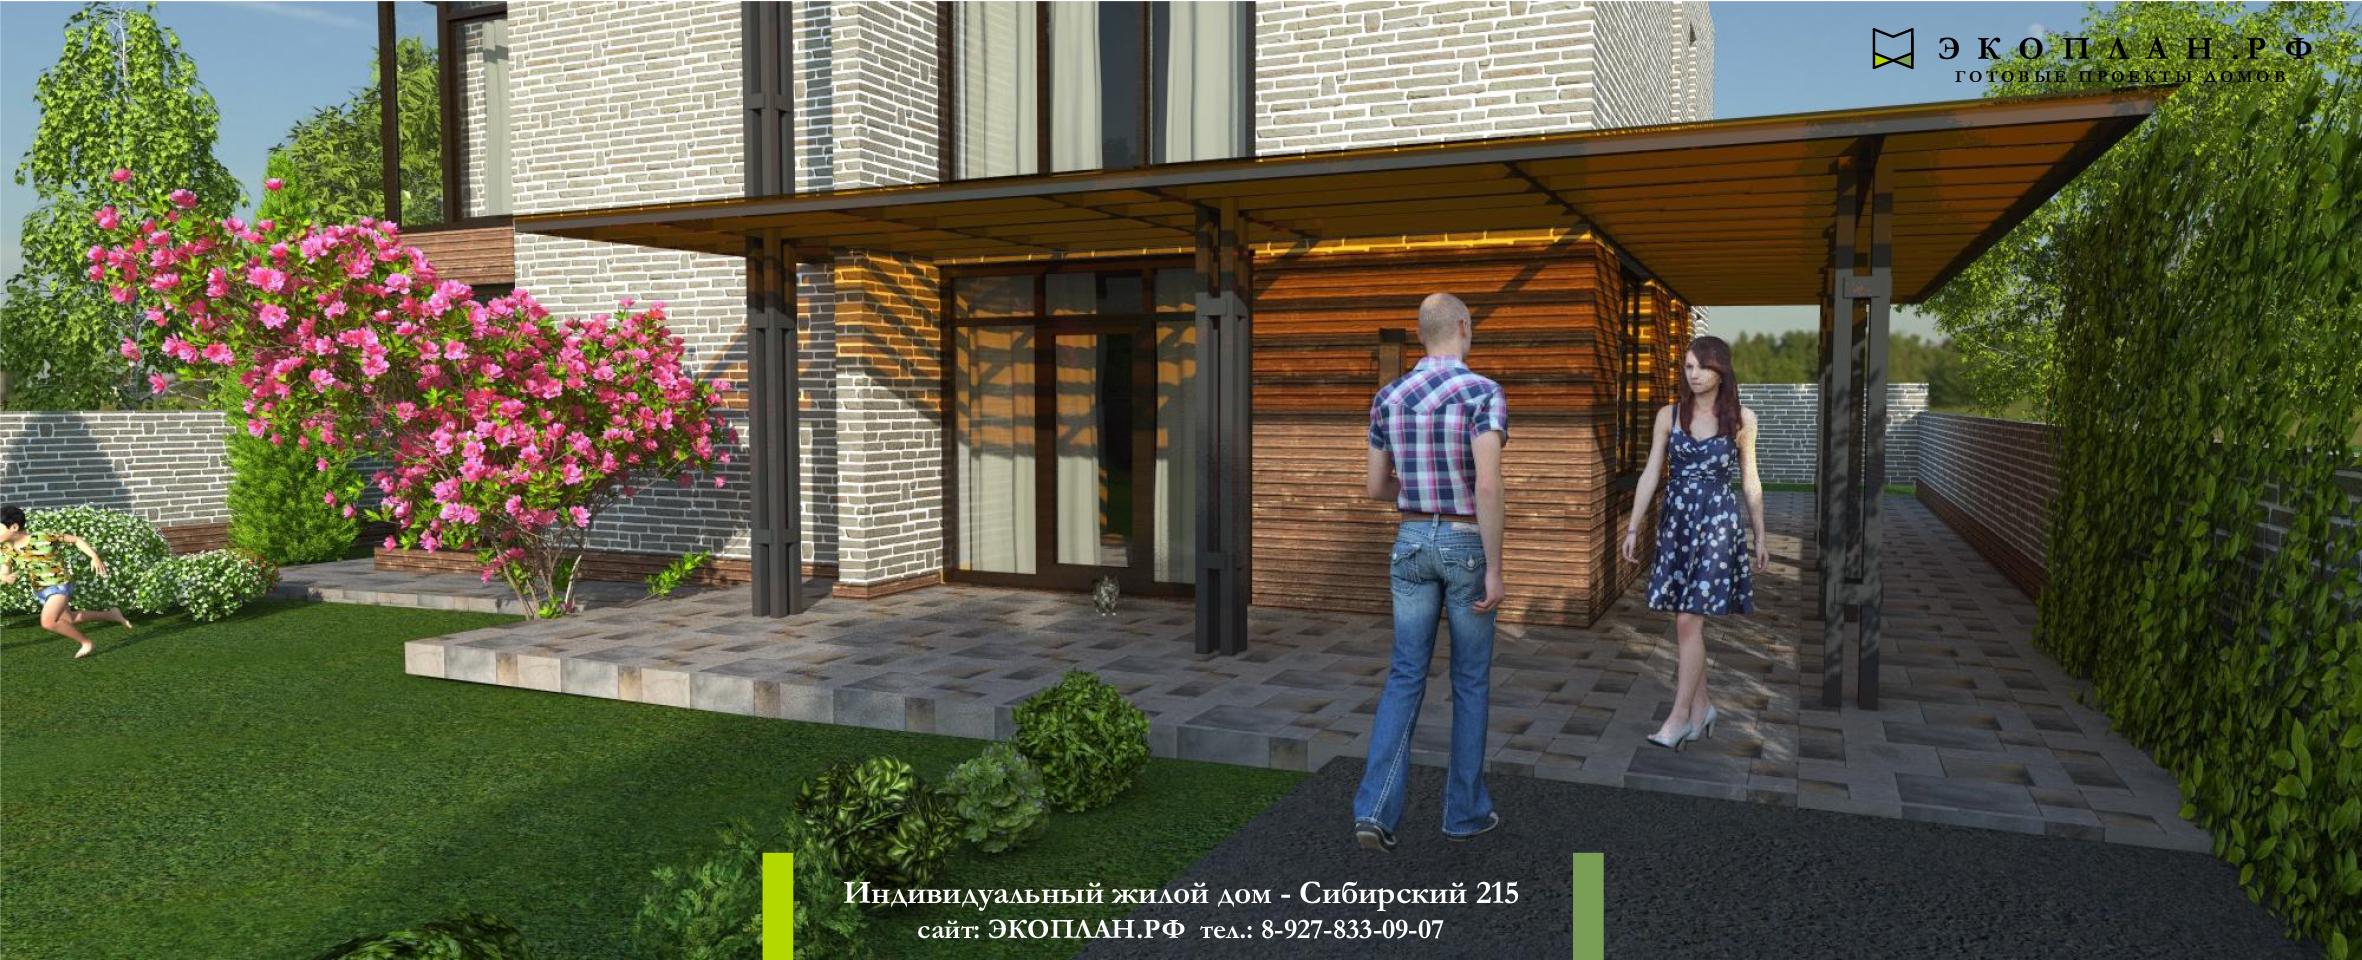 Готовый проект дома - Сибирский 215 - Экоплан.рф фасад